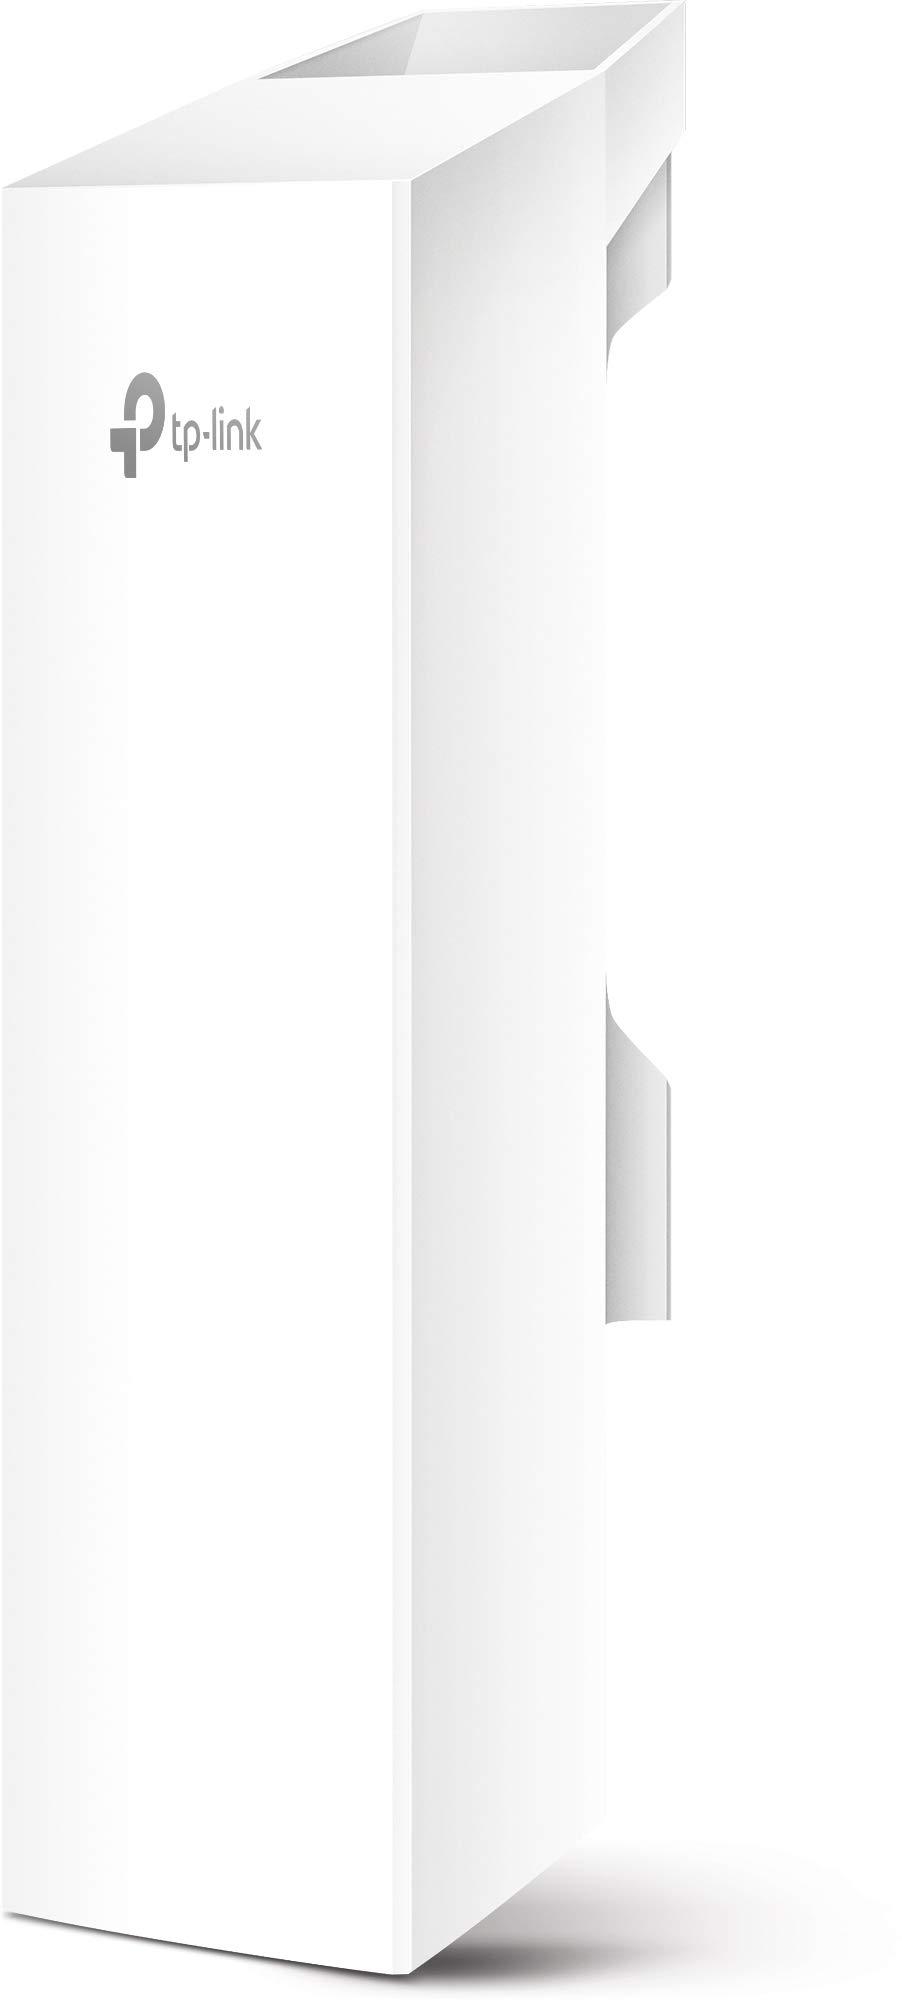 TP-LINK CPE210 - Punto de Acceso inalámbrico/CPE de Exterior (2.4 GHz